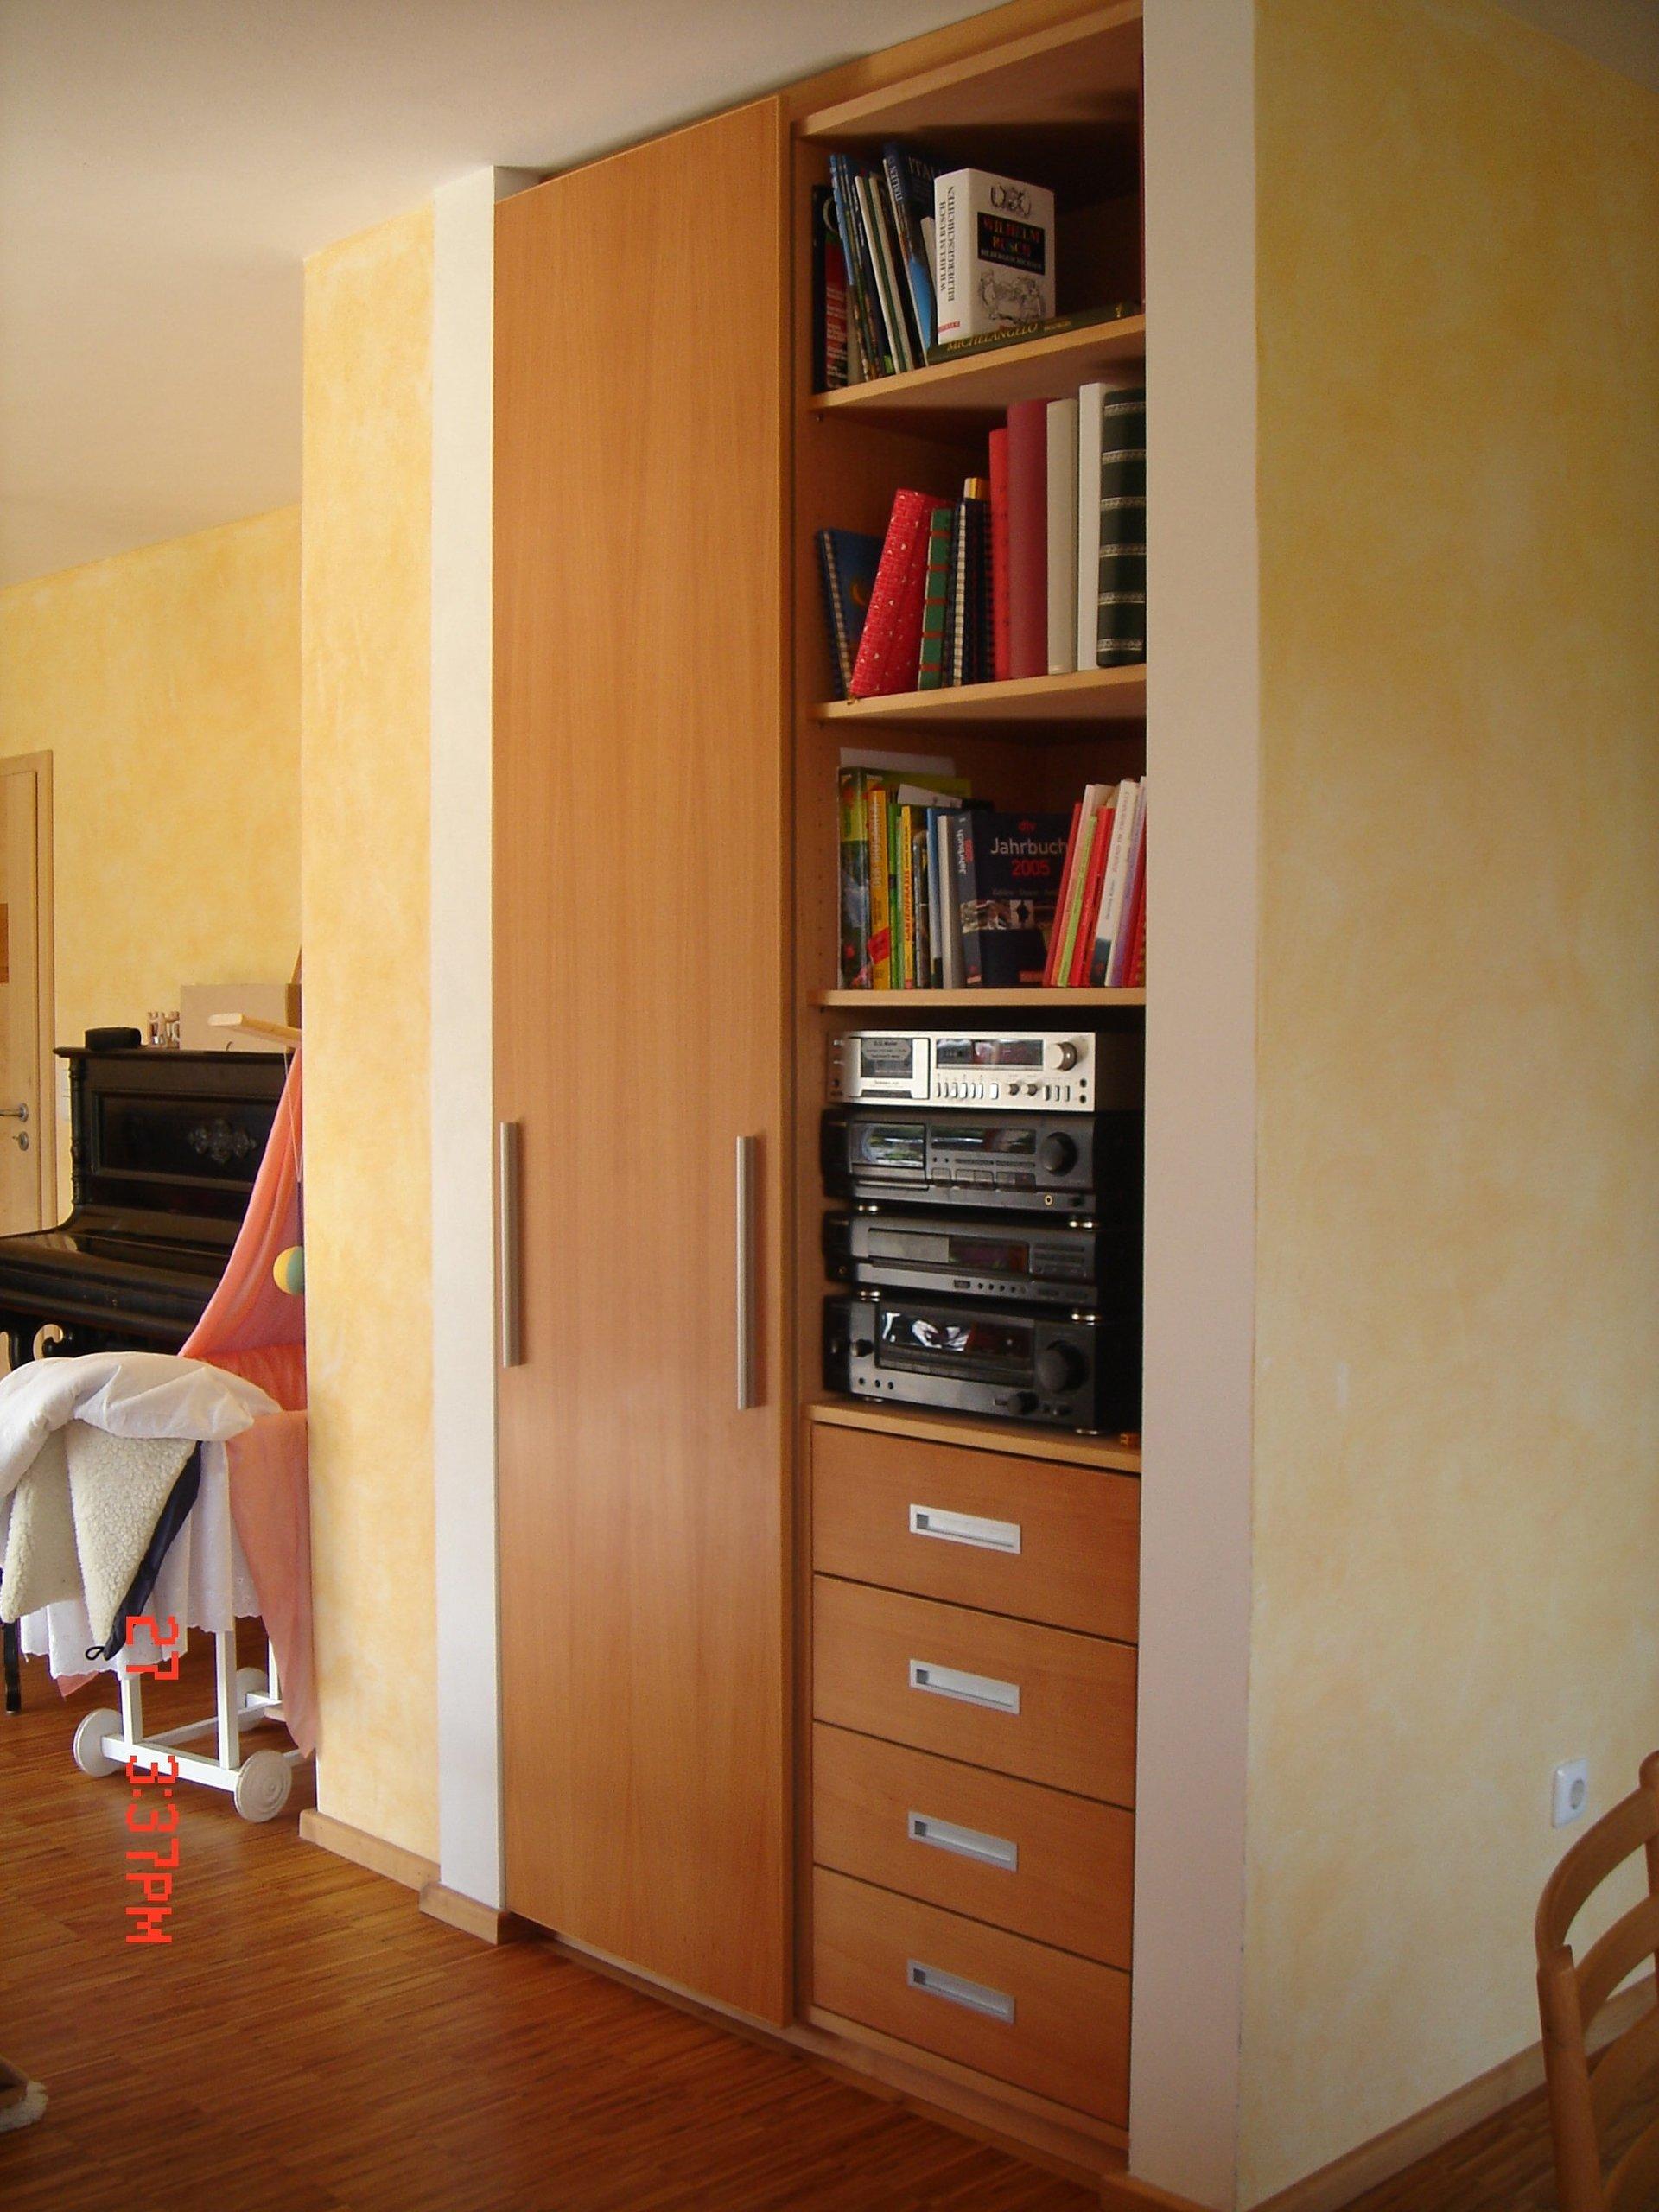 Tischlerei Blöcher in Breidenbach, Möbel, Kita-Ausstattungen, Küchen,